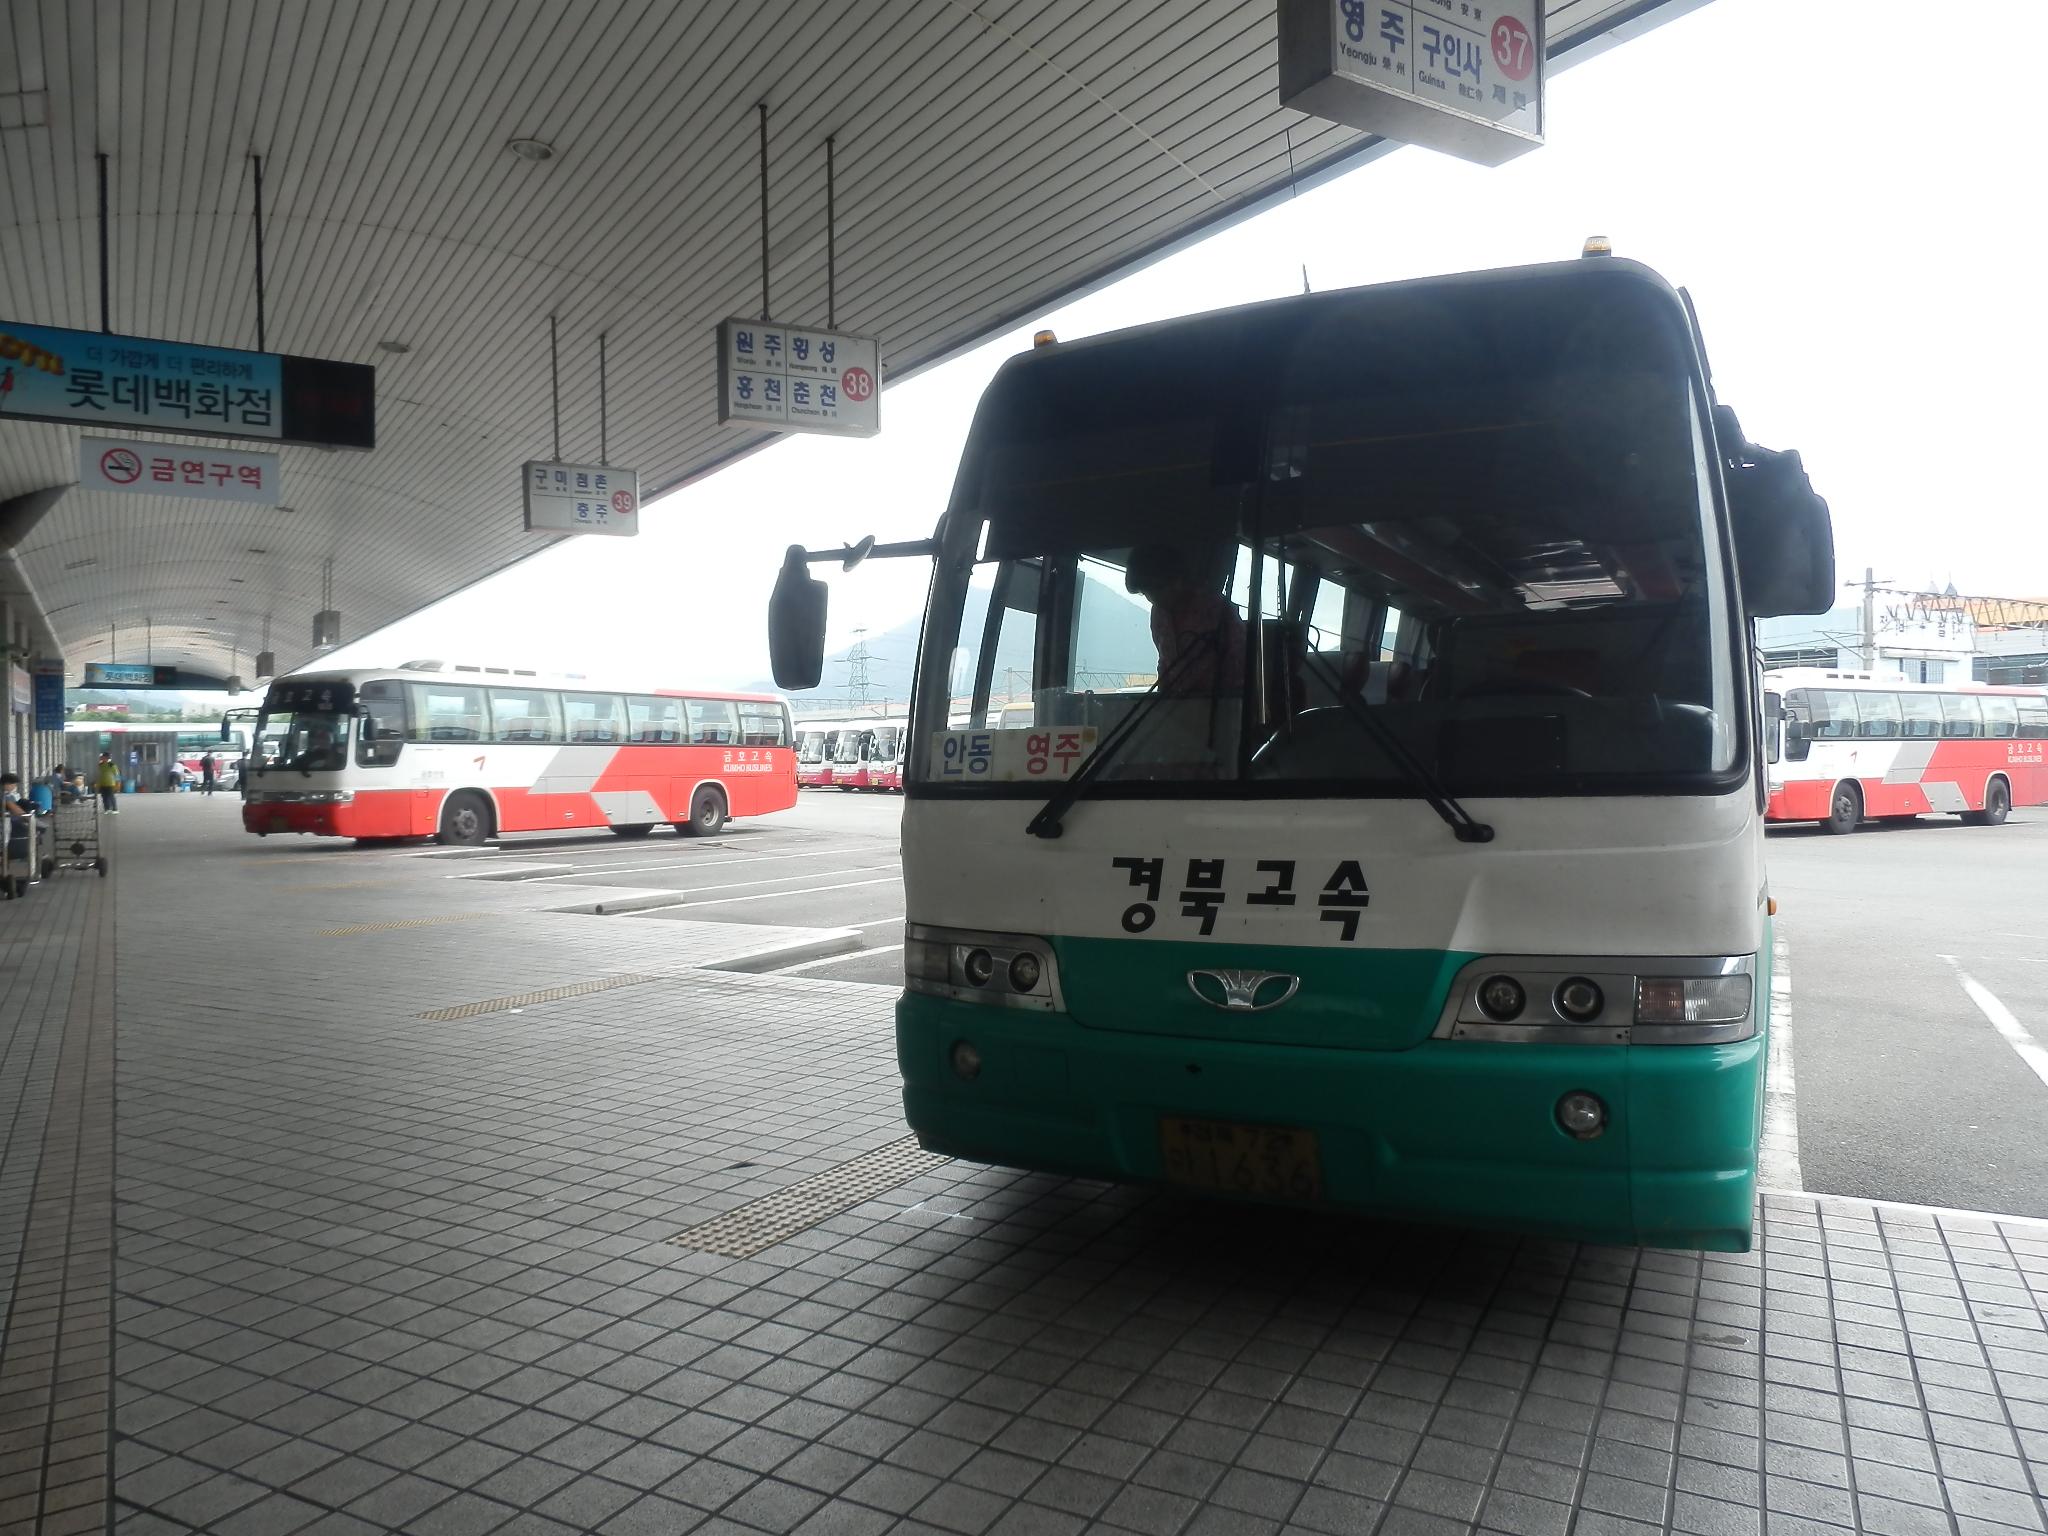 安東行きバス